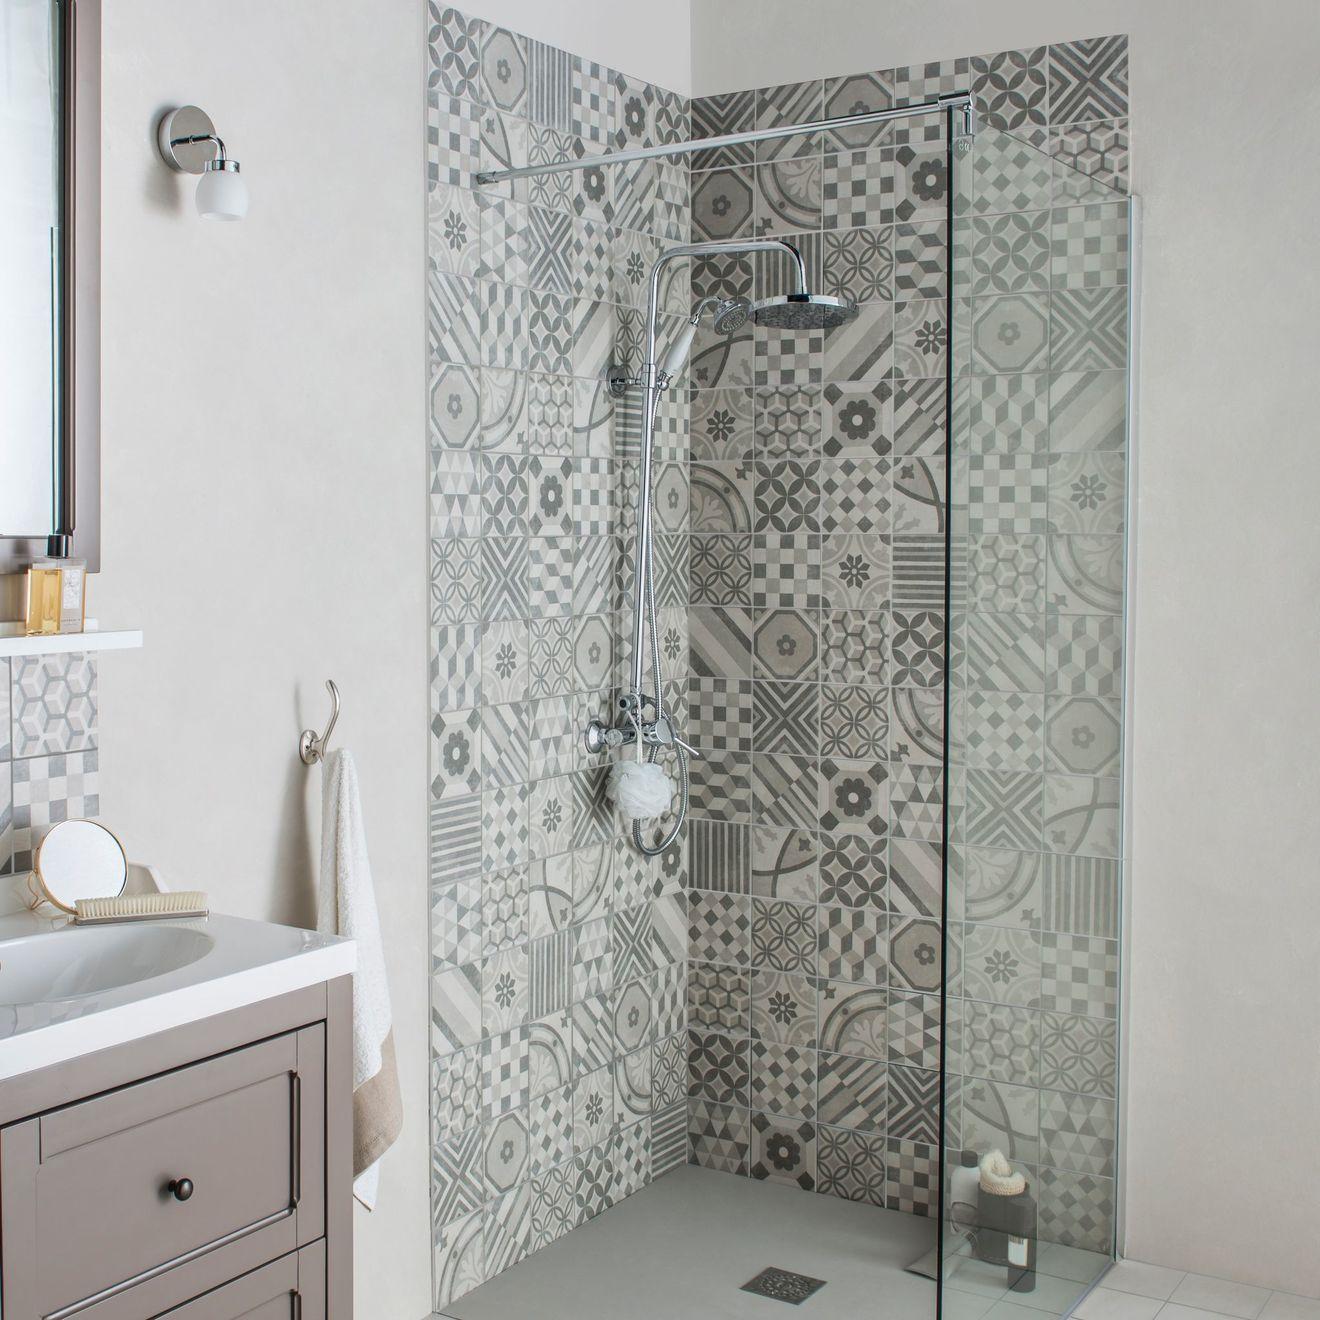 Les plus beaux carrelages muraux pour une salle de bains - Carrelage salle de bains design ...